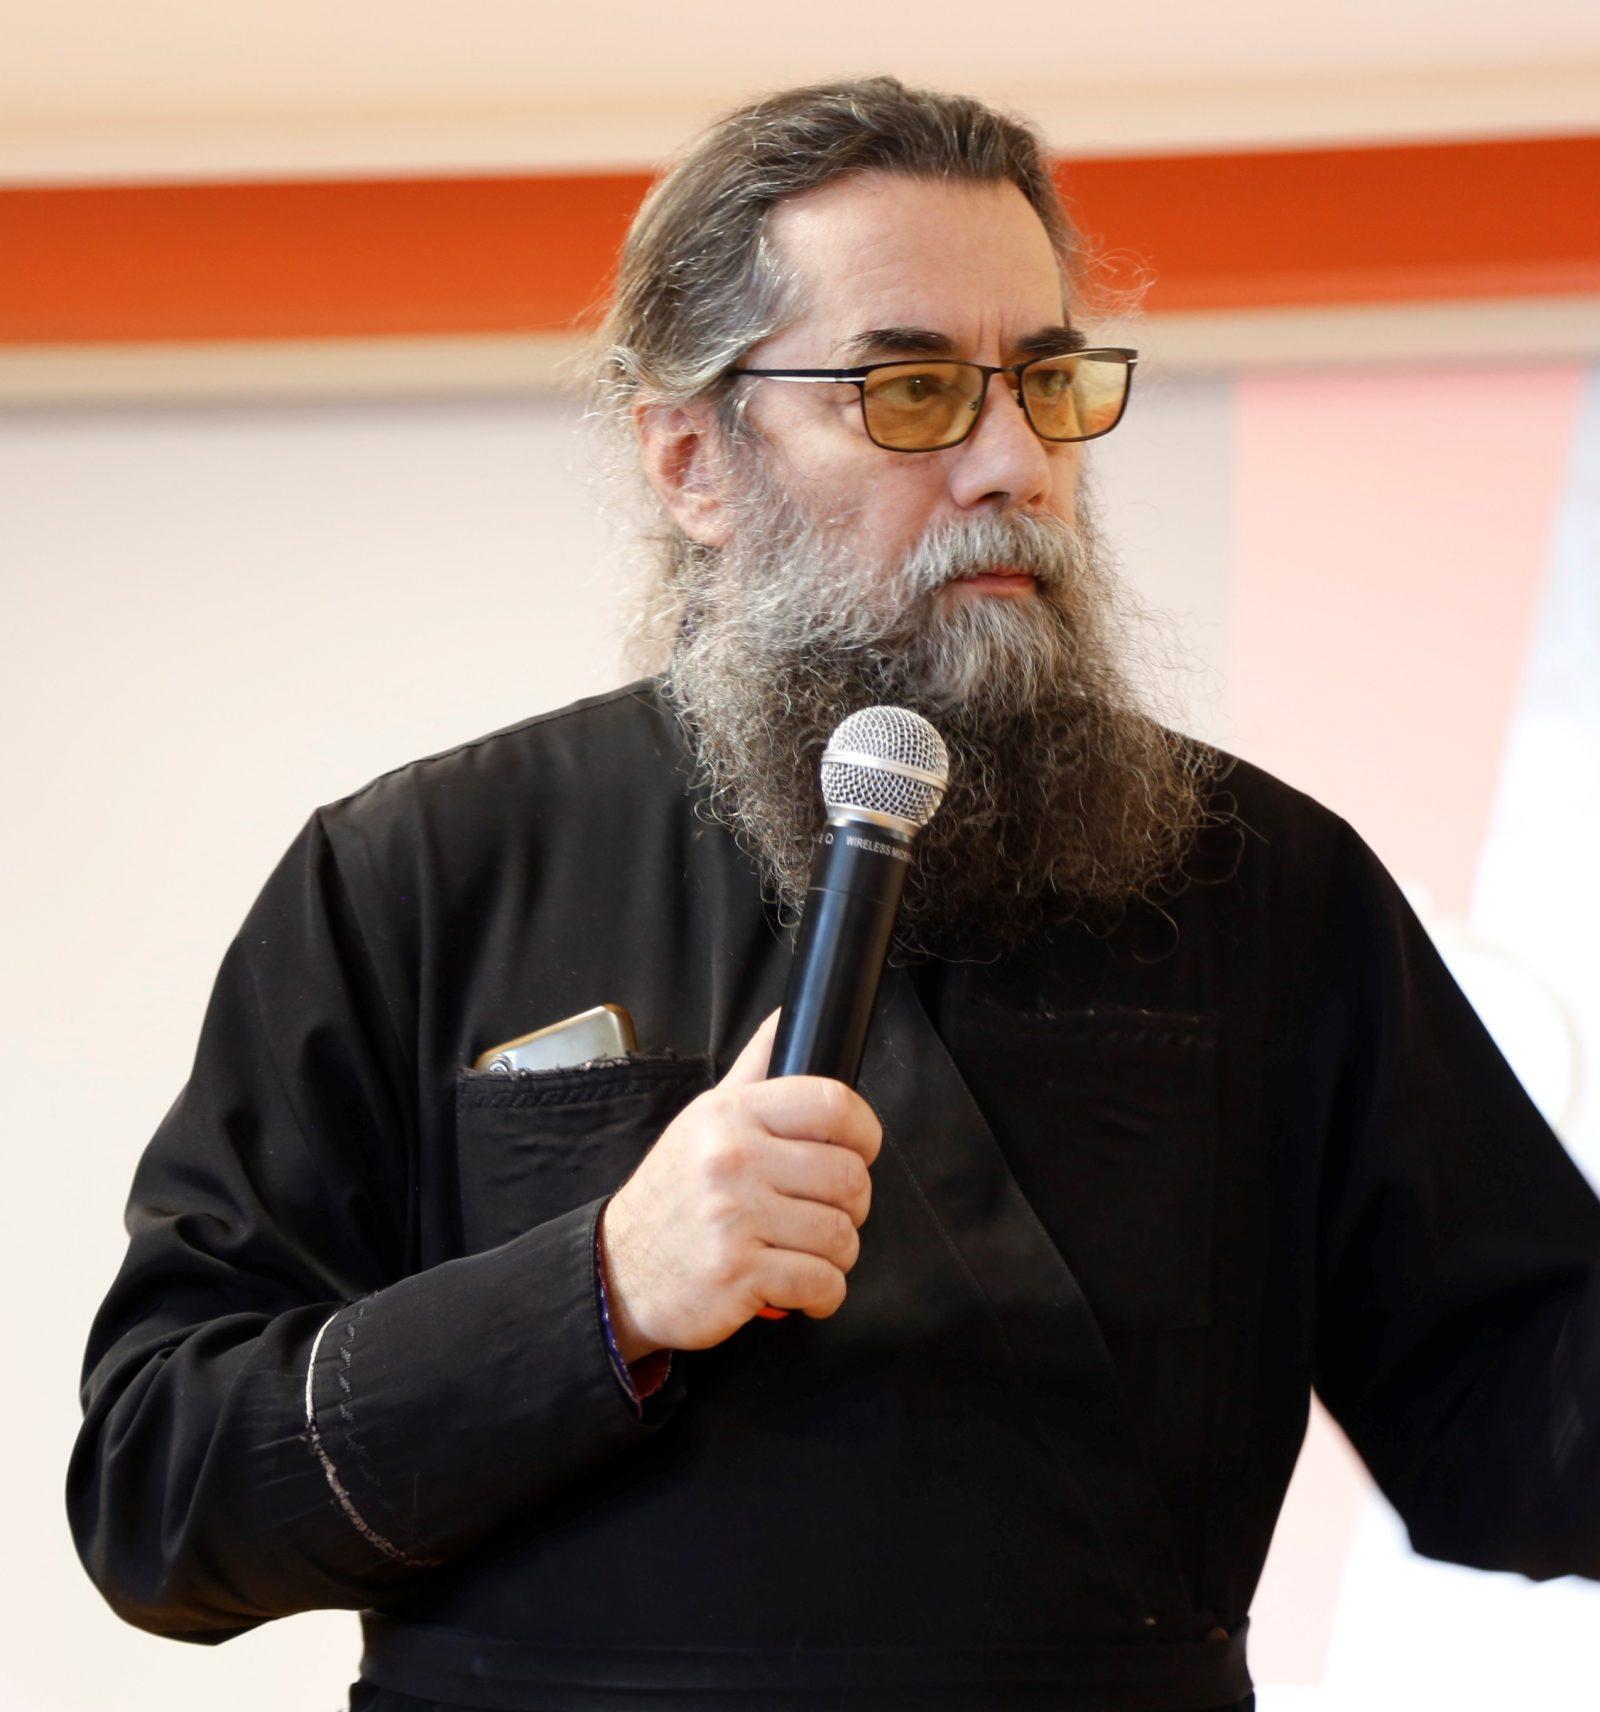 В Донской духовной семинарии состоялась научно-практическая конференция «Богословие личности и философский персонализм»